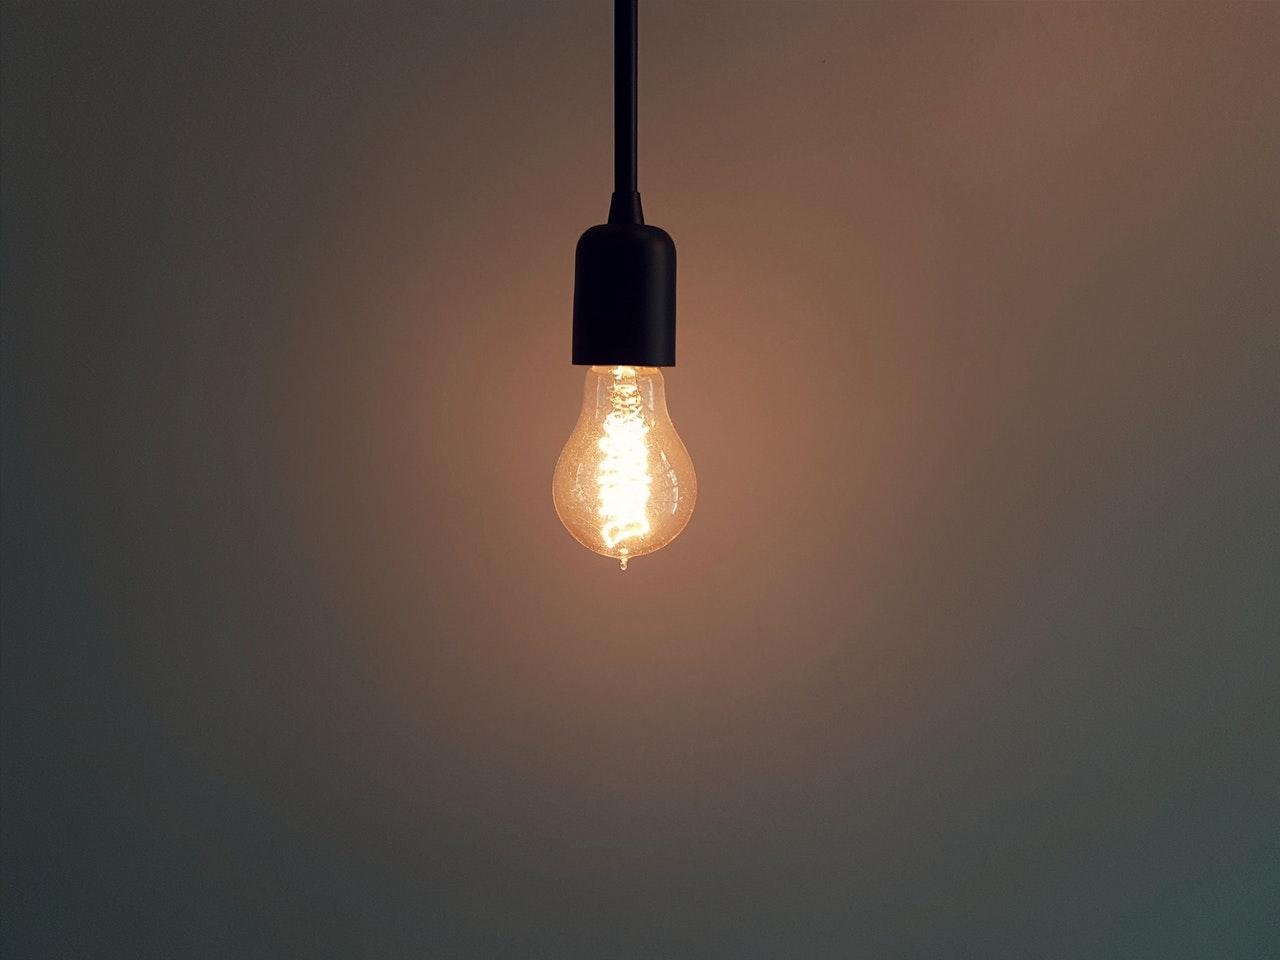 新しいビジネスを作るときに参考になる、ビジネスアイデア2つの種類